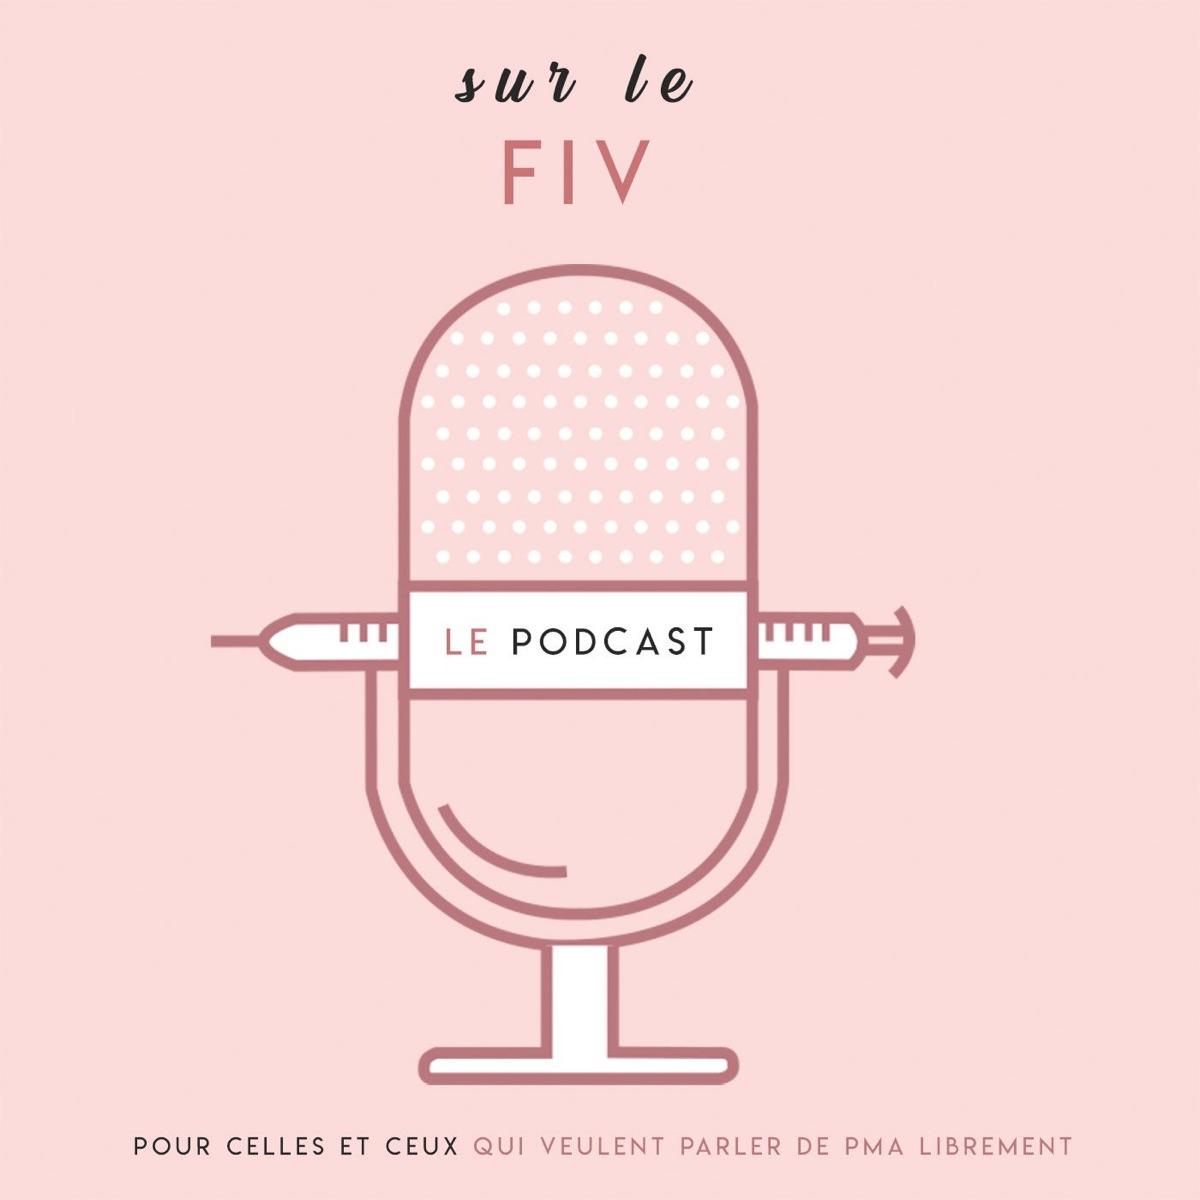 Sur le Fiv, podcast spécial PMA